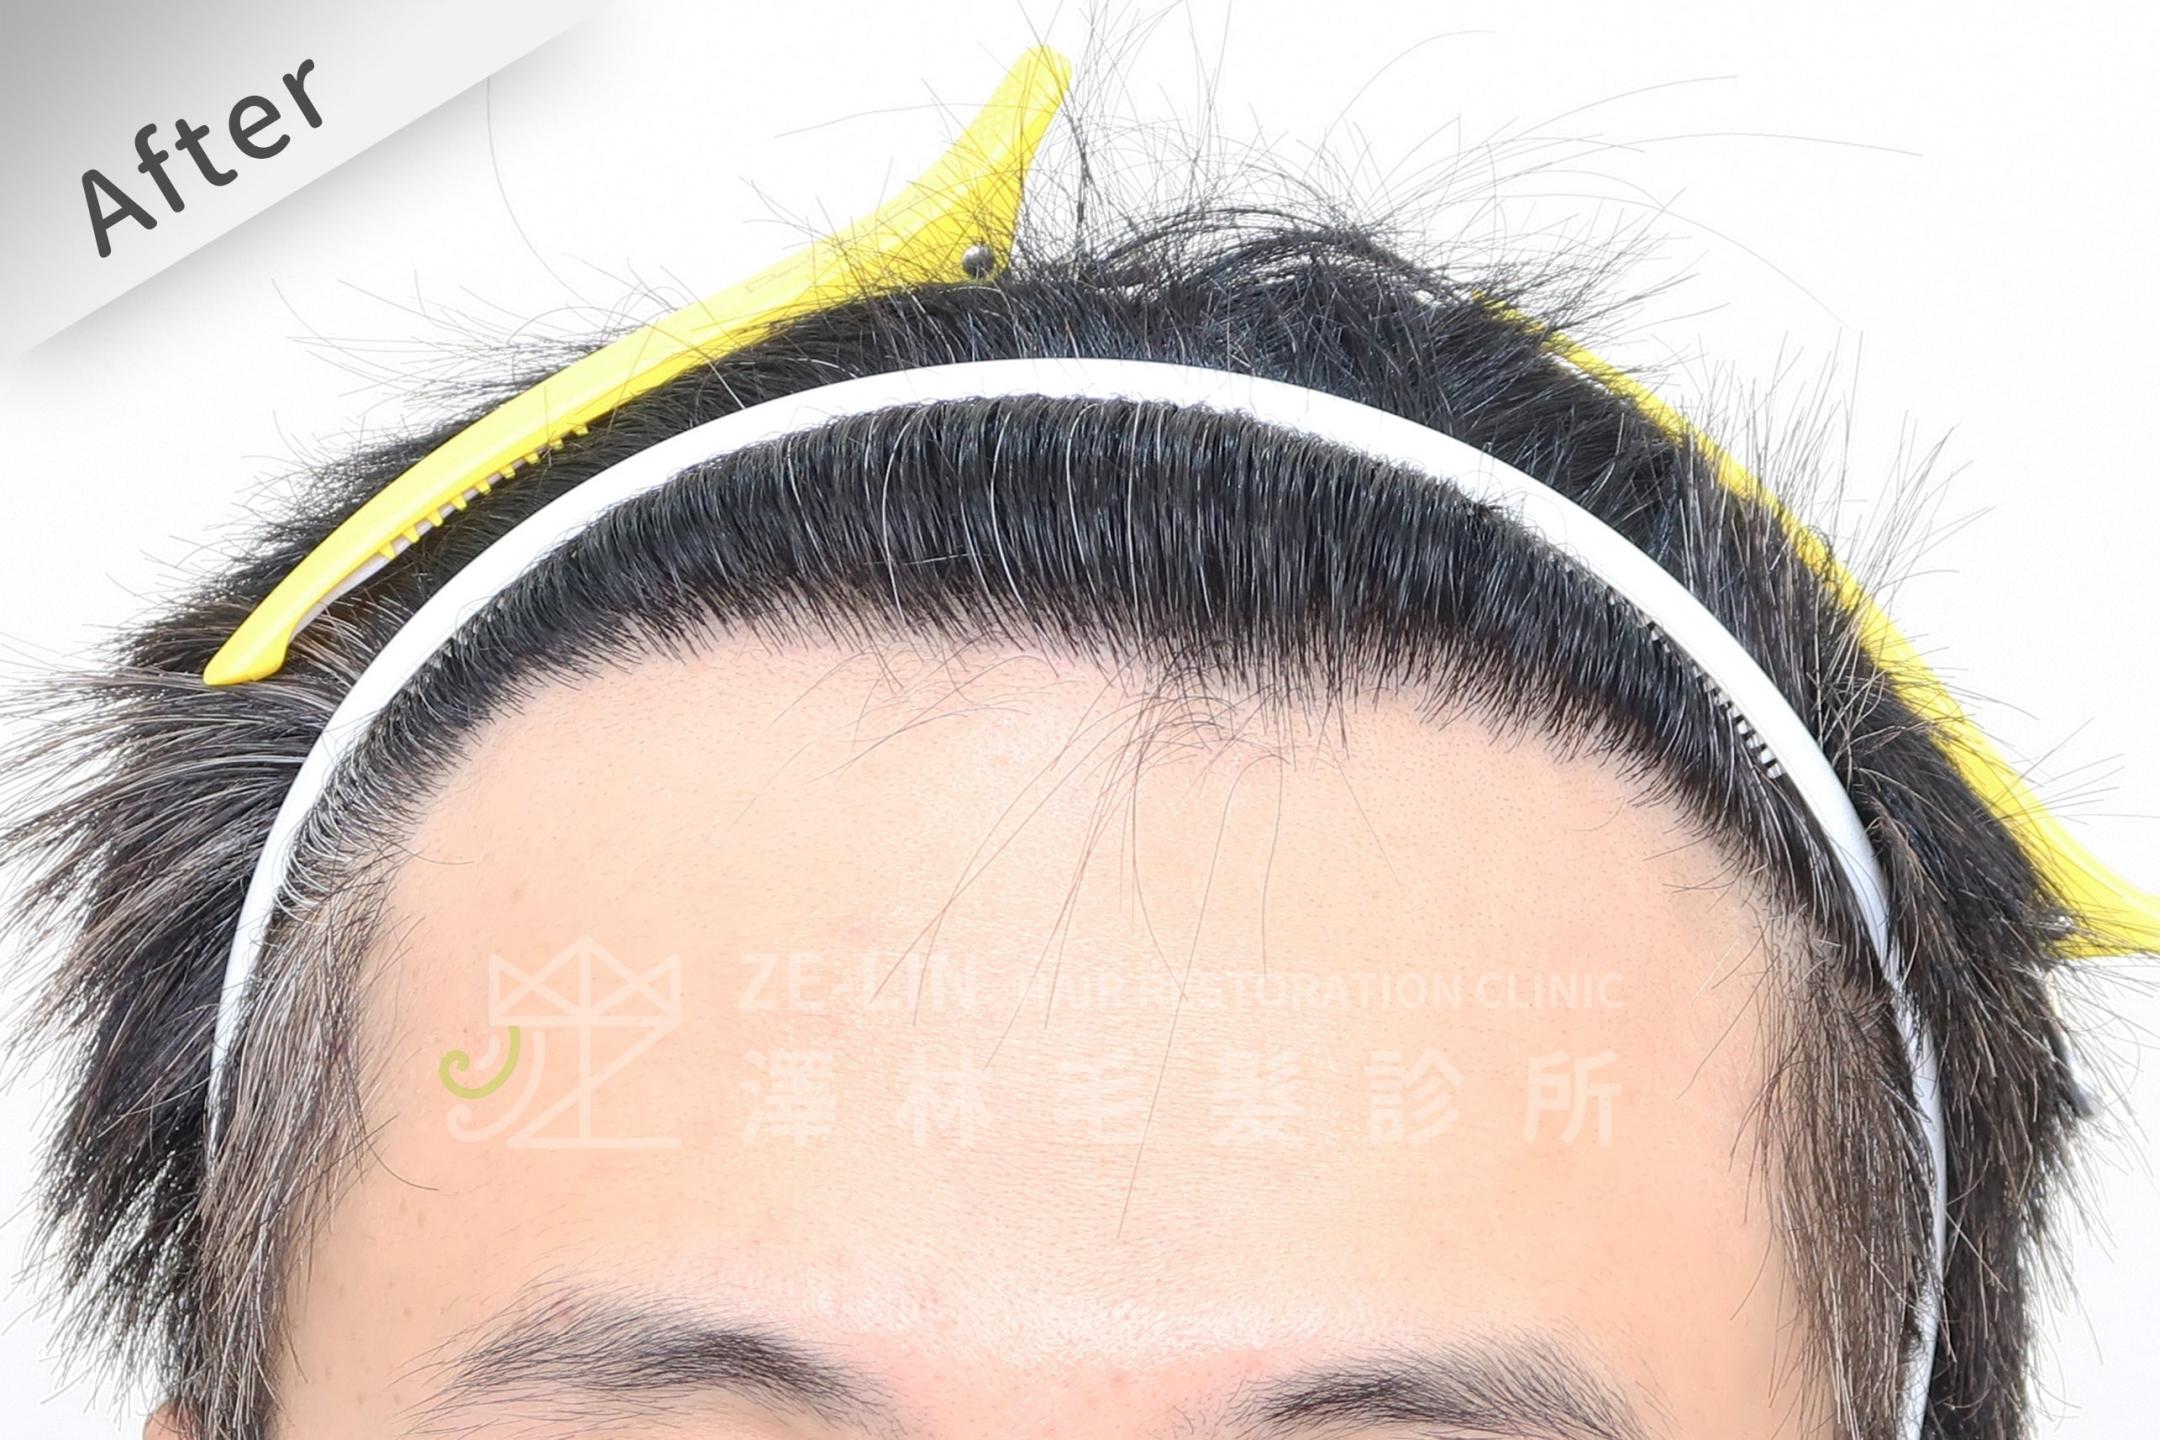 M型雄性髮際線FUE植髮手術-謝宗廷醫師植髮推薦-案例心得分享術後